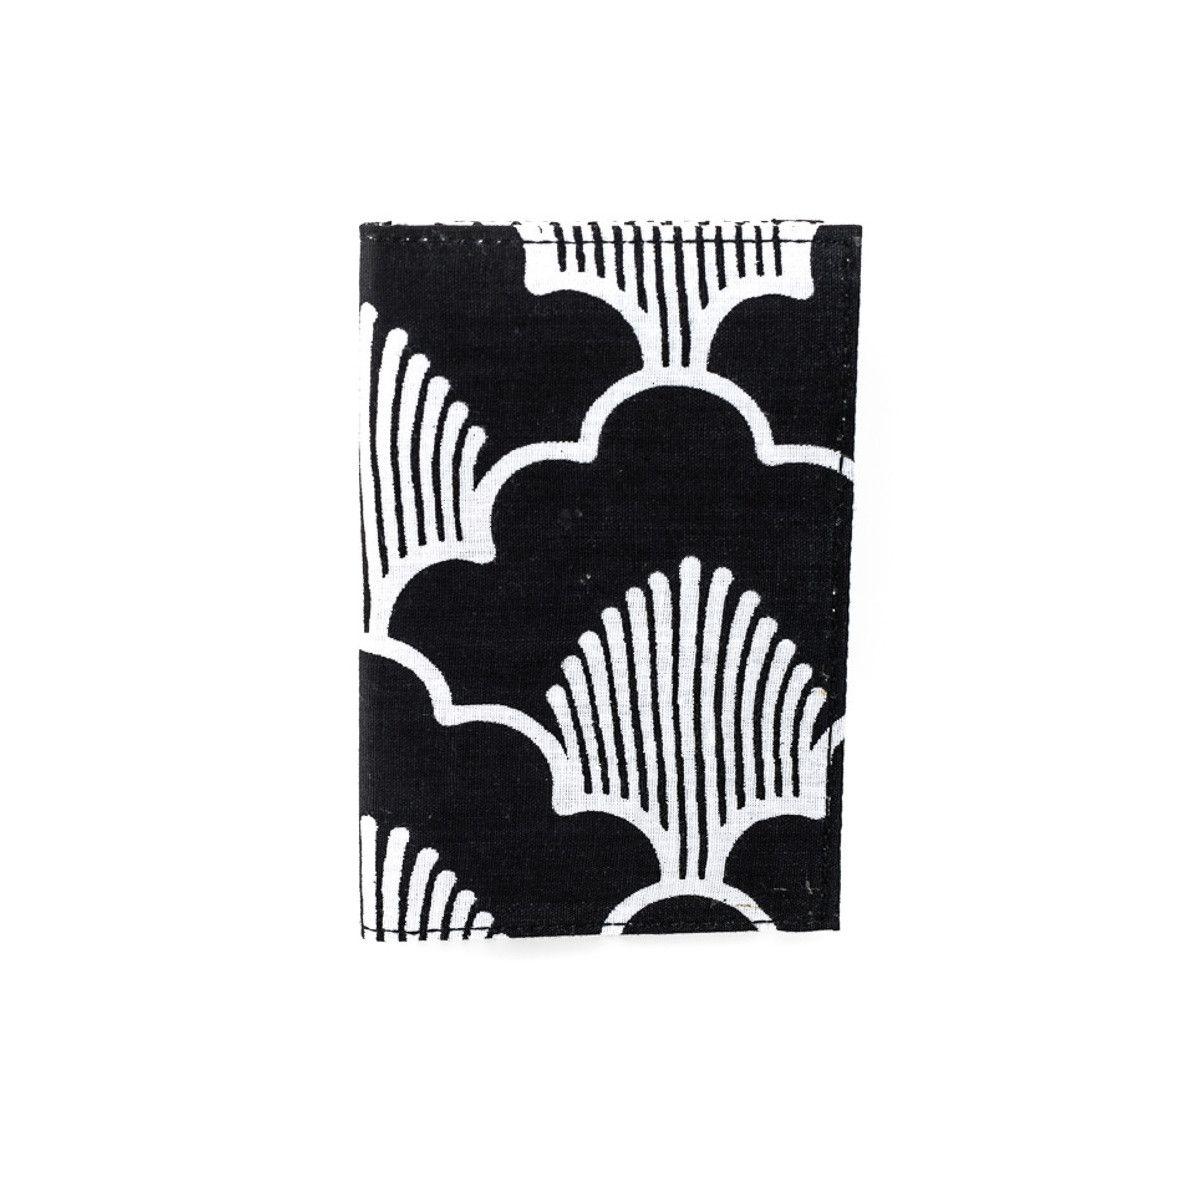 Porte-cartes rigide en coton noir et blanc à pois